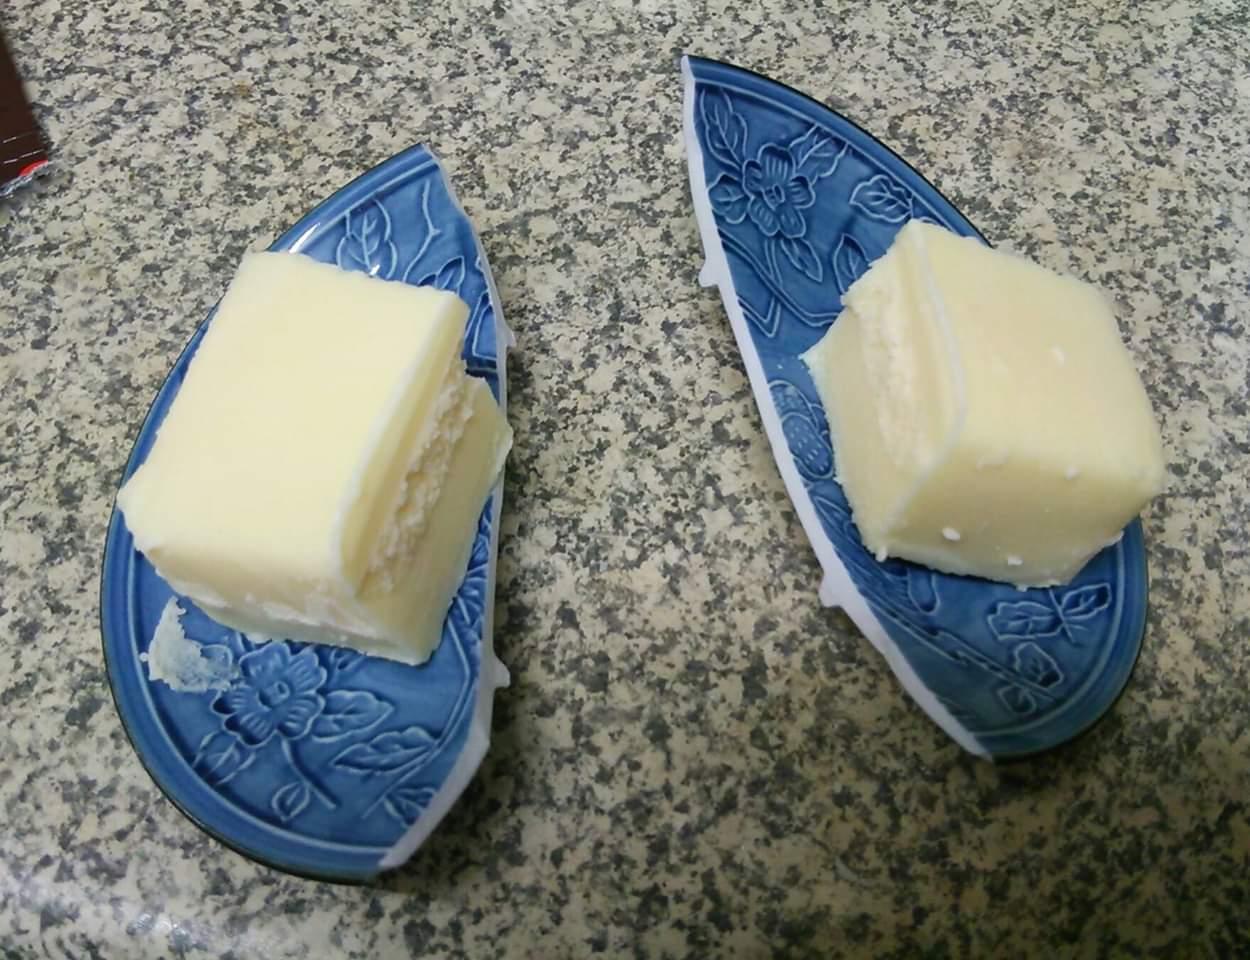 この画像を出すときが来た! 買ってきたチーズケーキ(冷凍)を温めた包丁で切ろうとしたら斬鉄剣。 #お料理ヘタクソ選手権